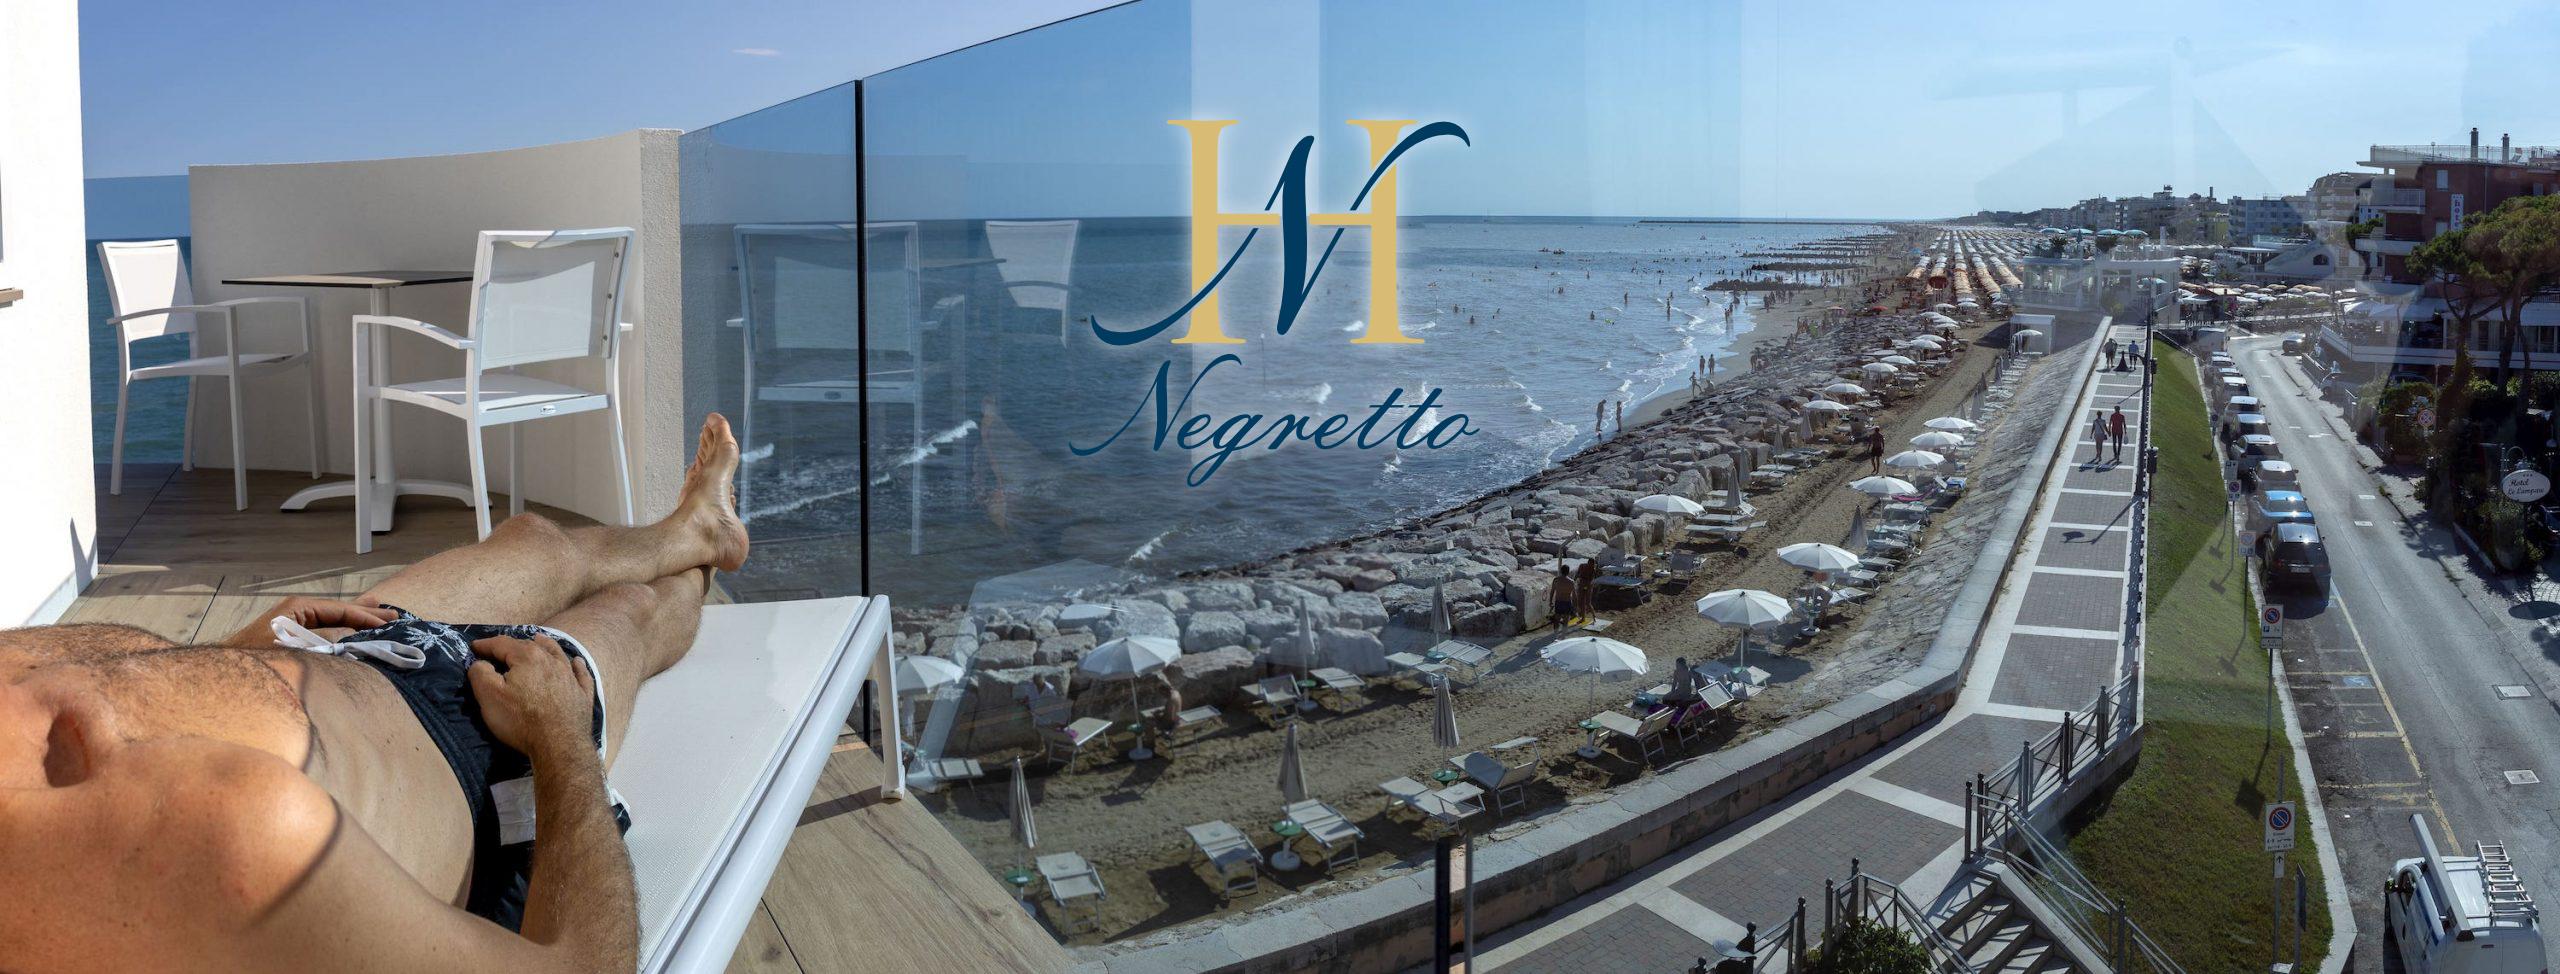 Hotel lungomare Caorle | Hotel Negretto